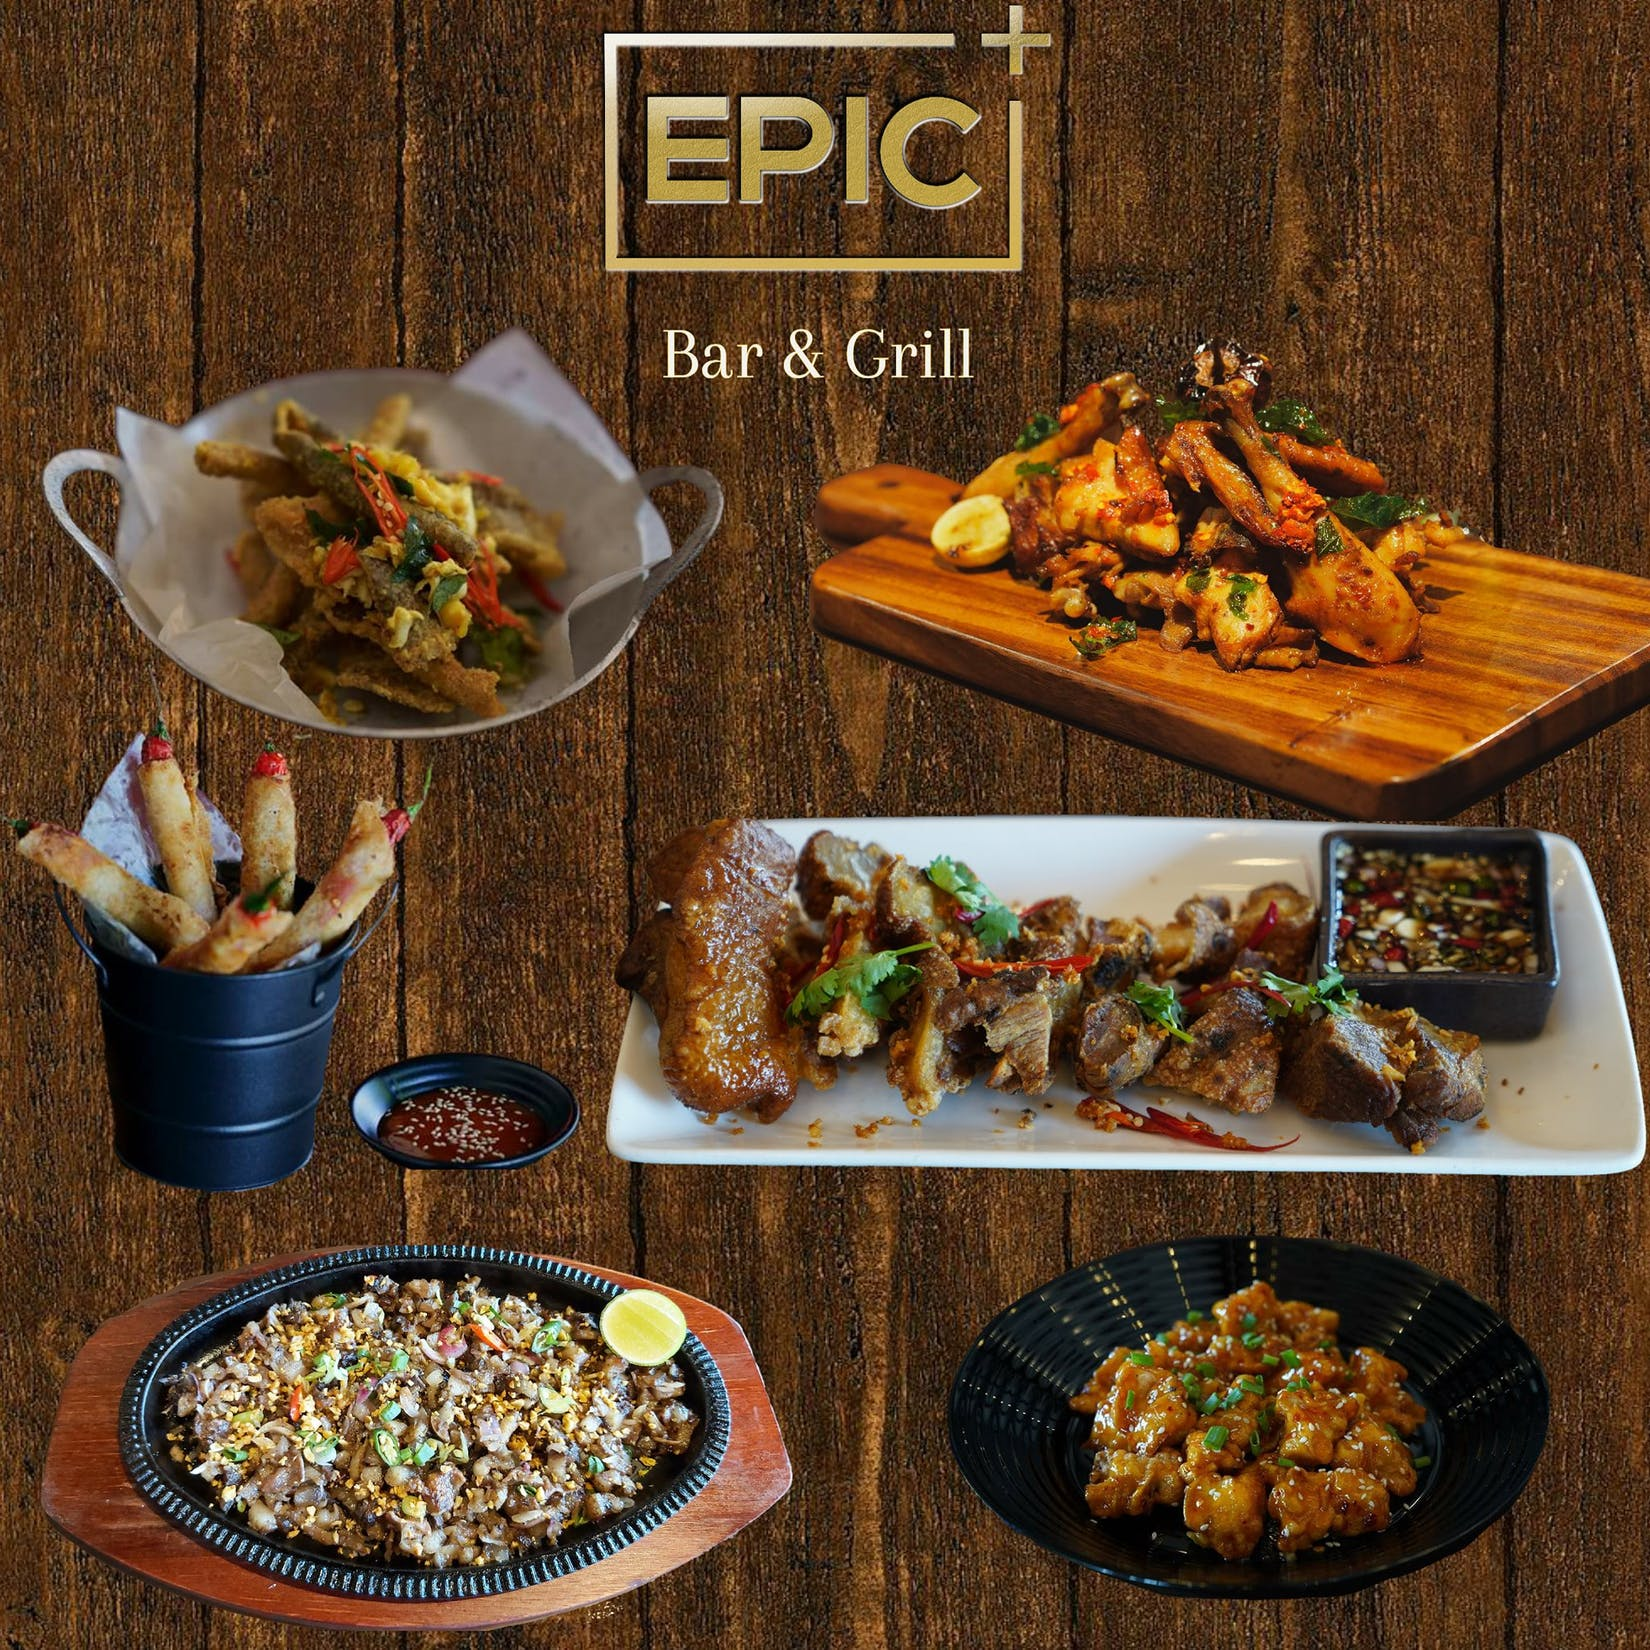 Epic Plus bar & grill | yathar